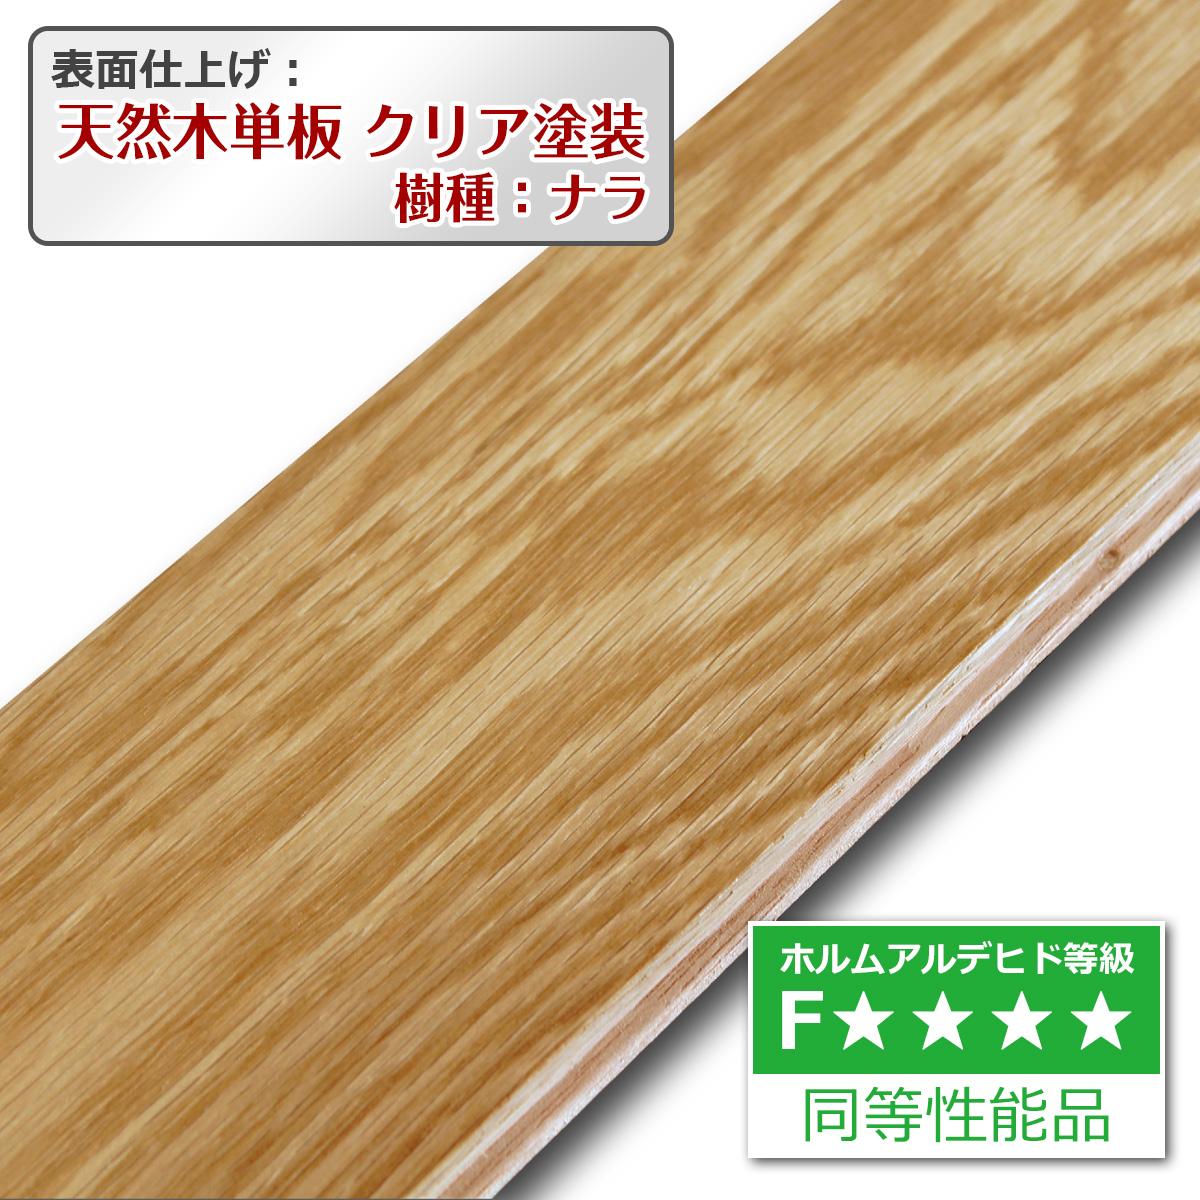 表面仕上げ:天然木単板 クリア塗装 樹種:ナラ ホルムアルデヒド等級Fフォースター同等性能品